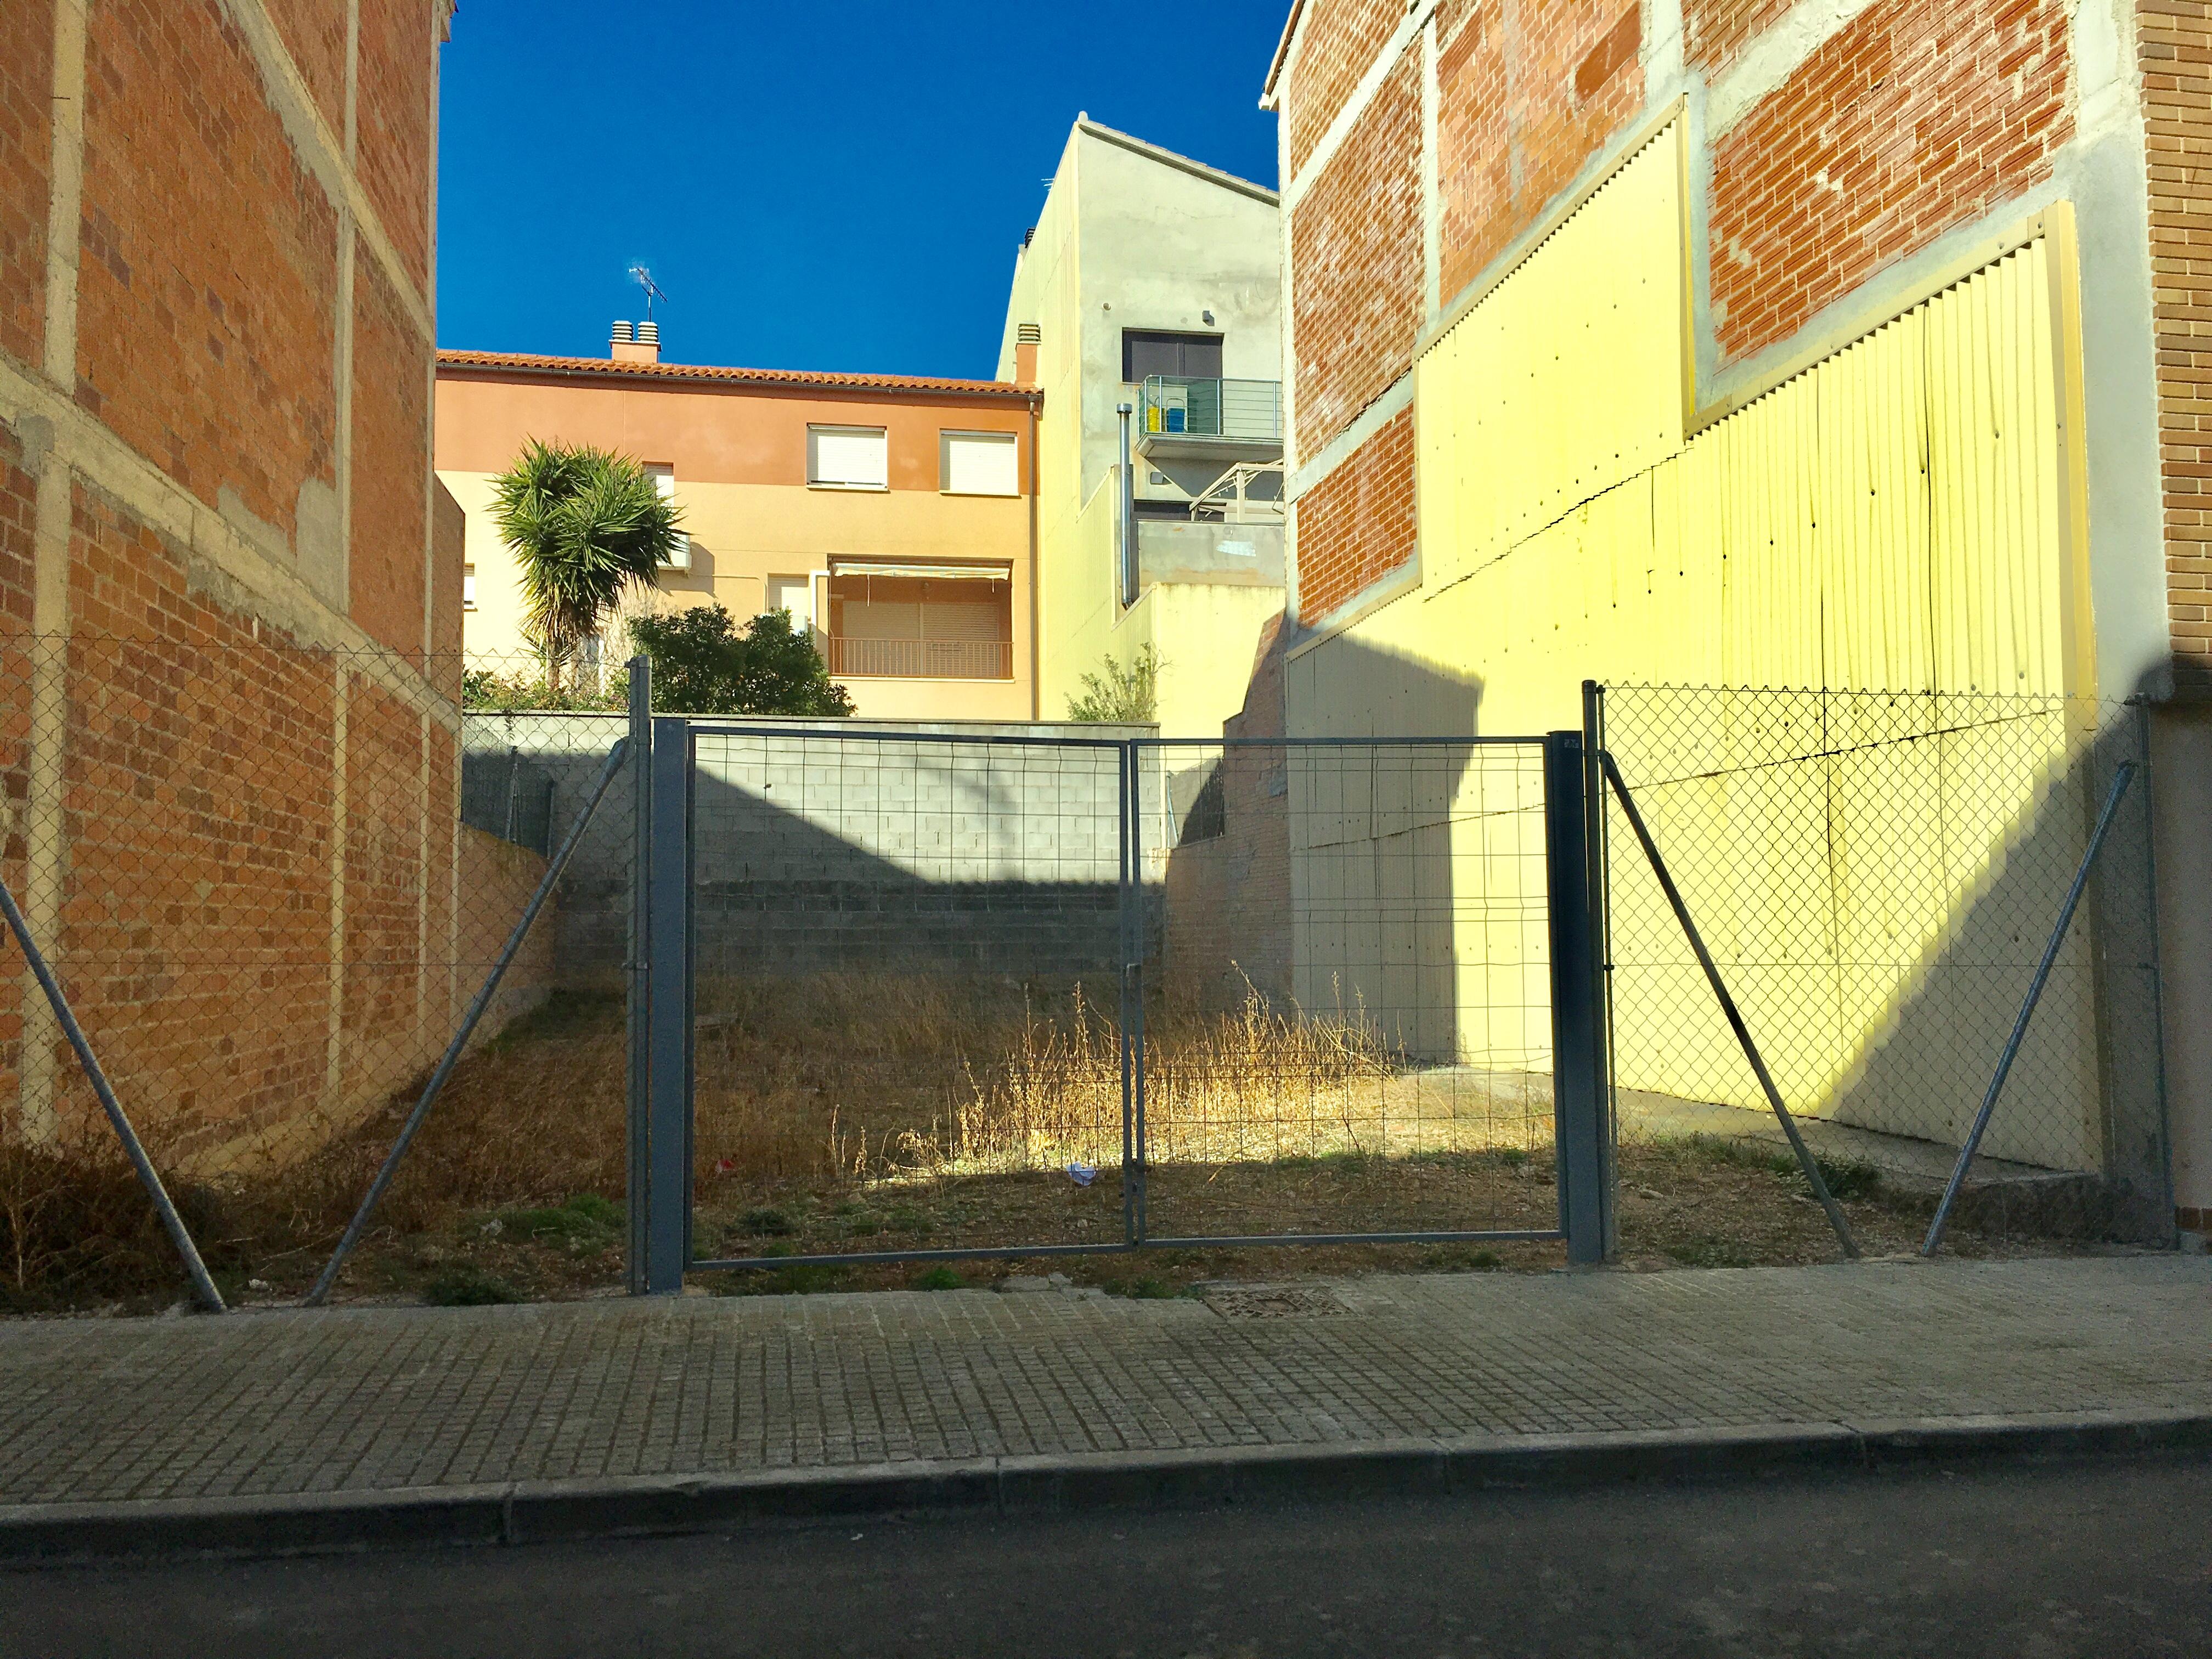 L'Ajuntament de la Bisbal ha creat una subvenció per a la rehabilitació i neteja de façanes i per al tancament de solars